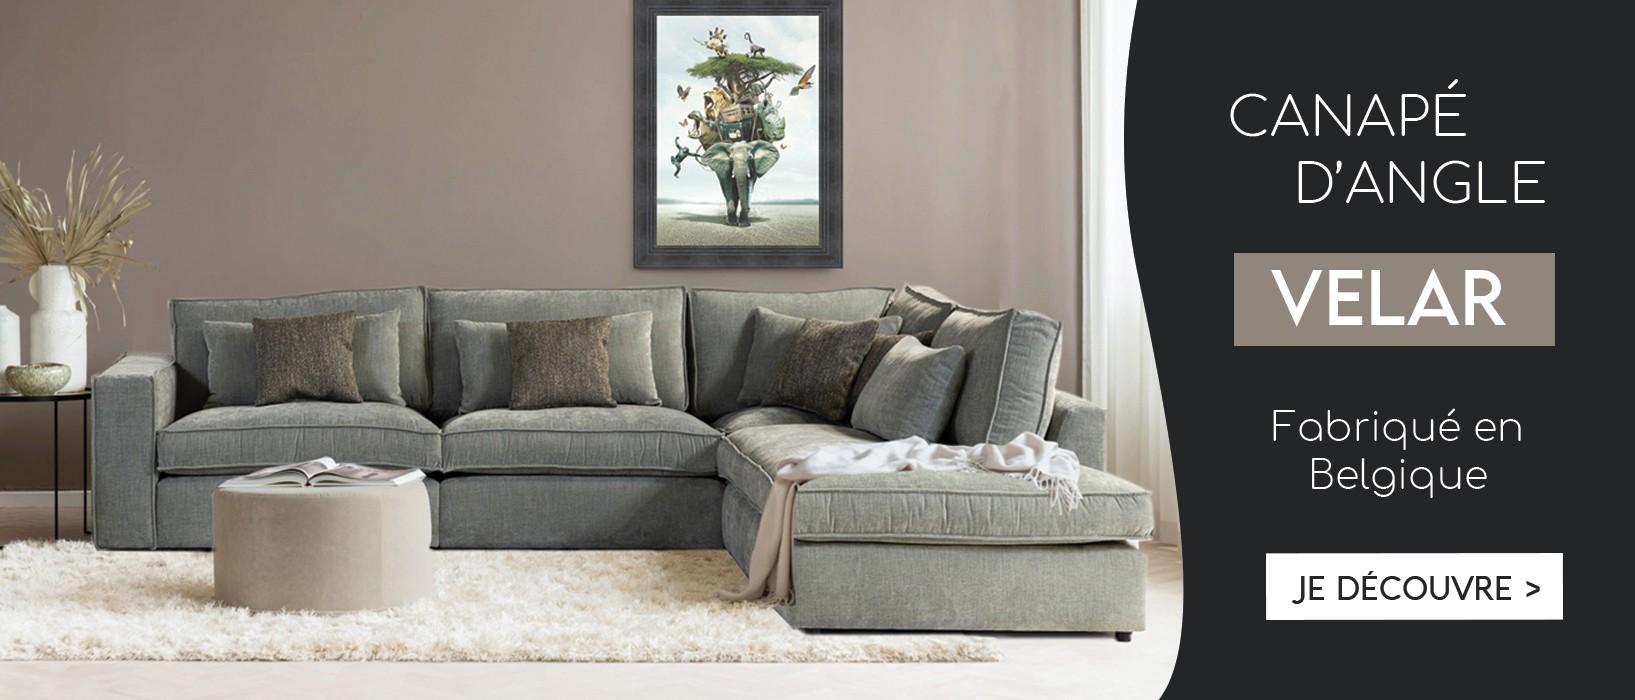 Canapé d'angle VELAR